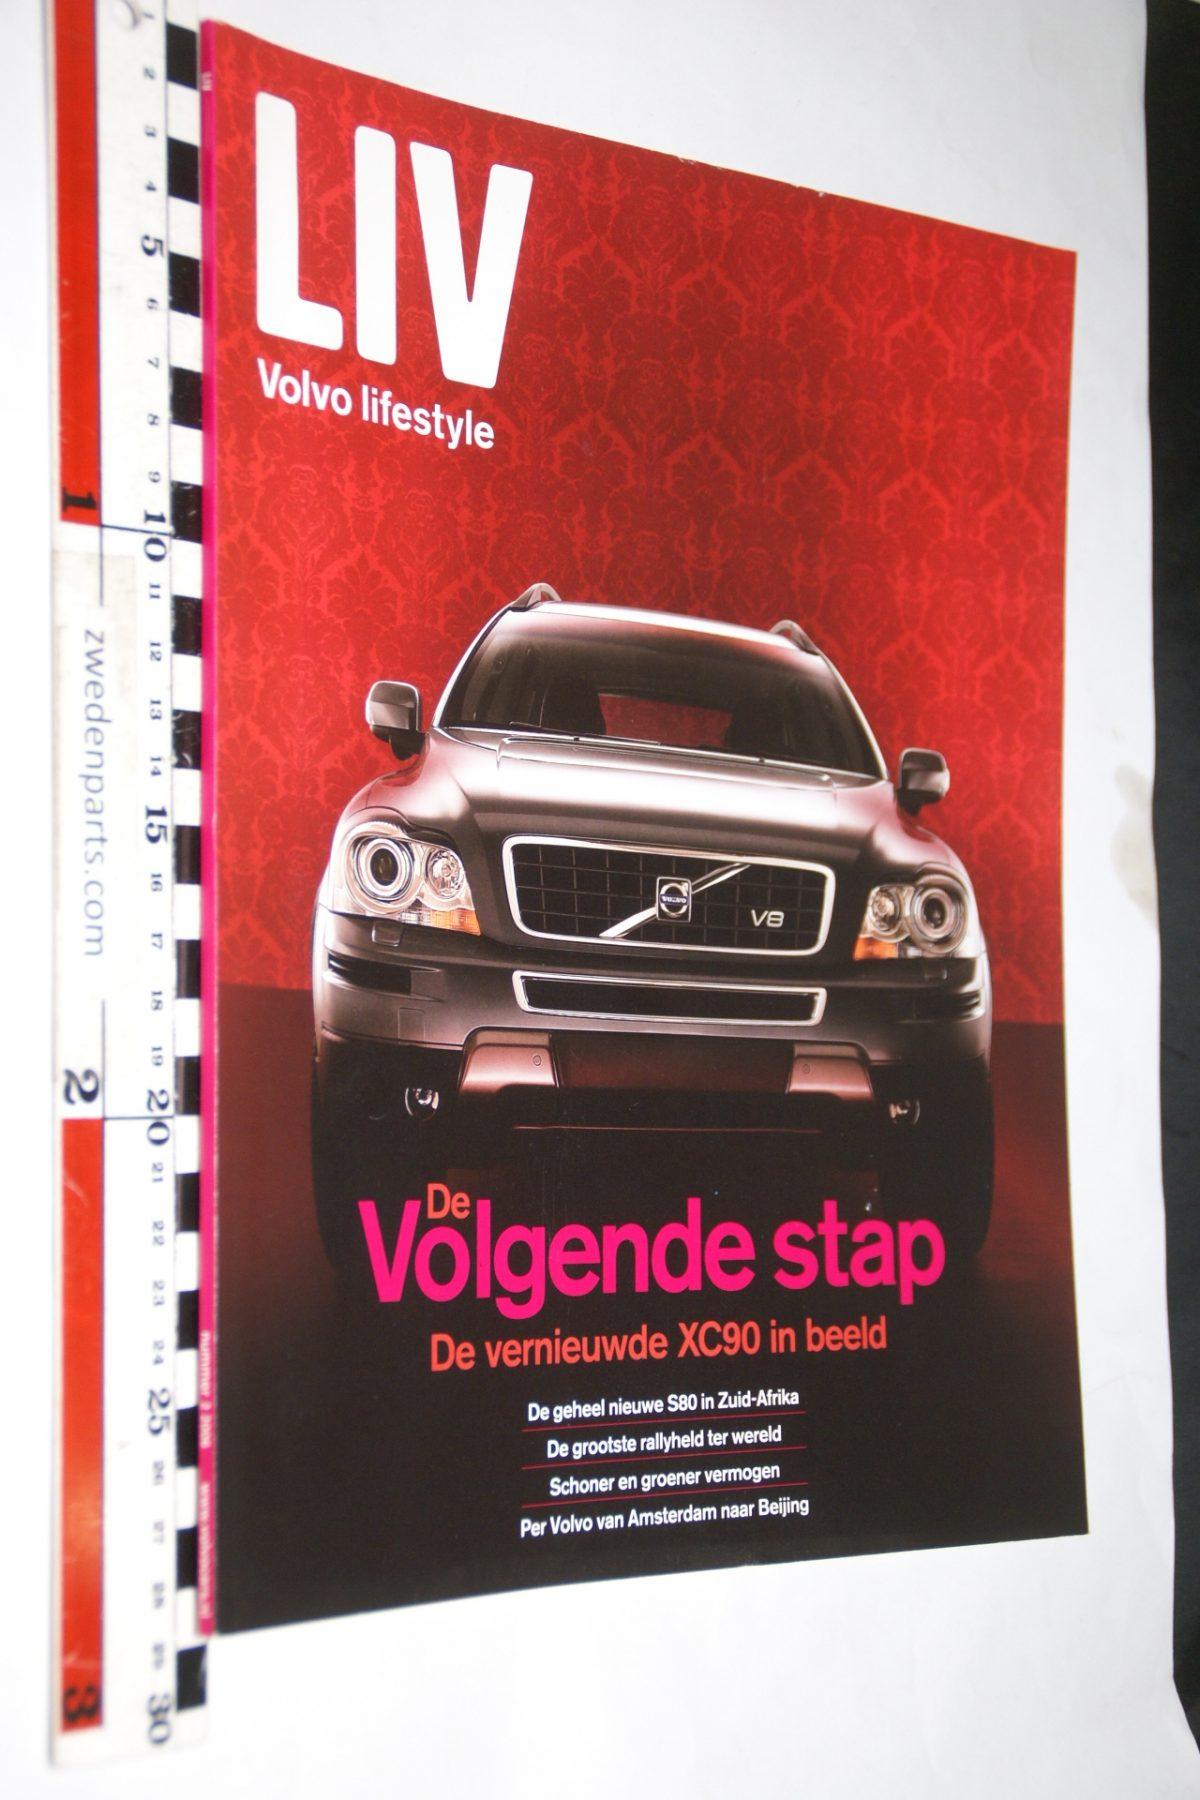 DSC05167 2006 tijdschrift Volvo LIV nr 2